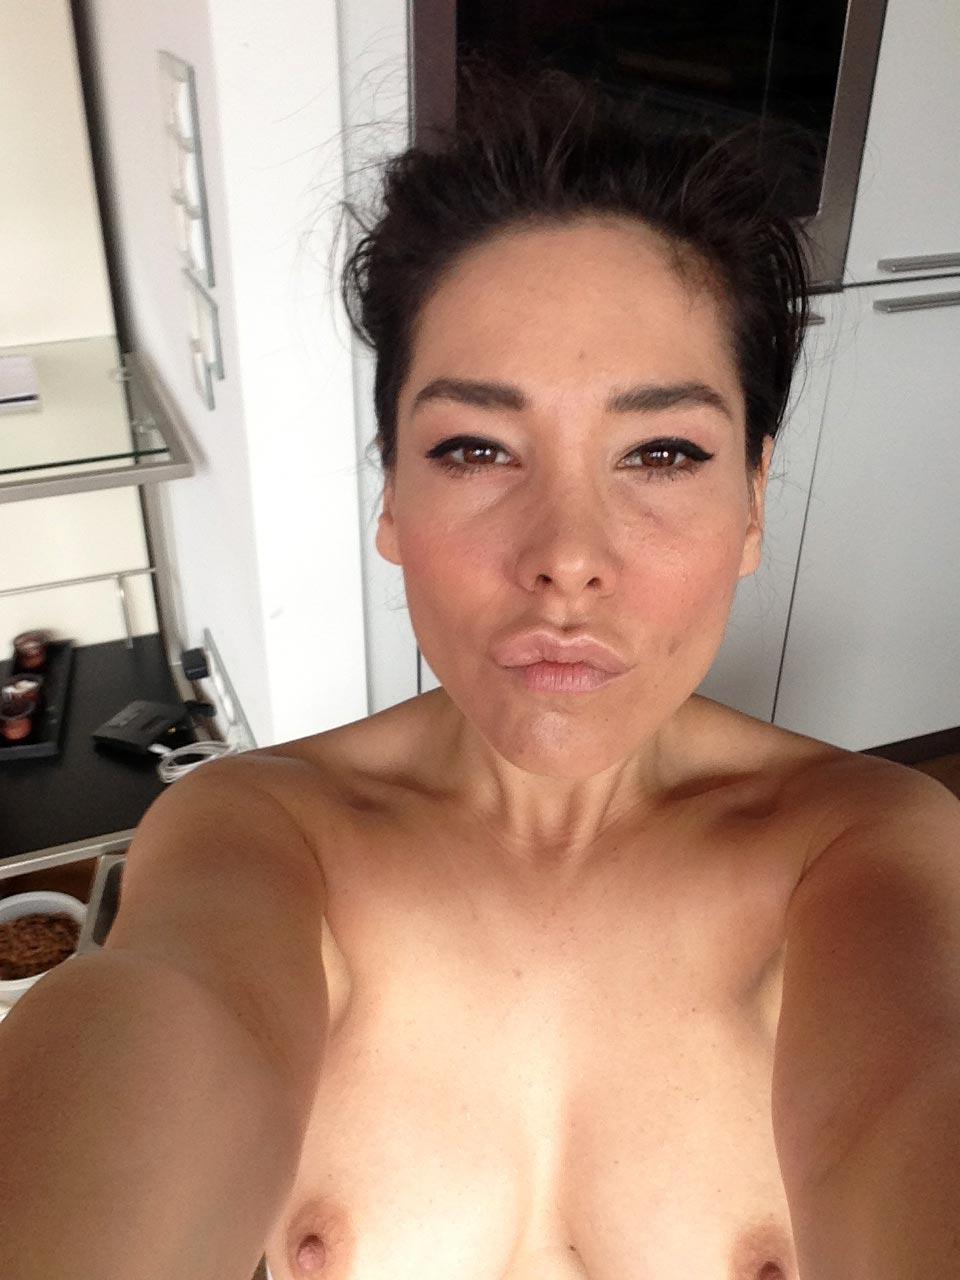 Leaked nudes of celebs